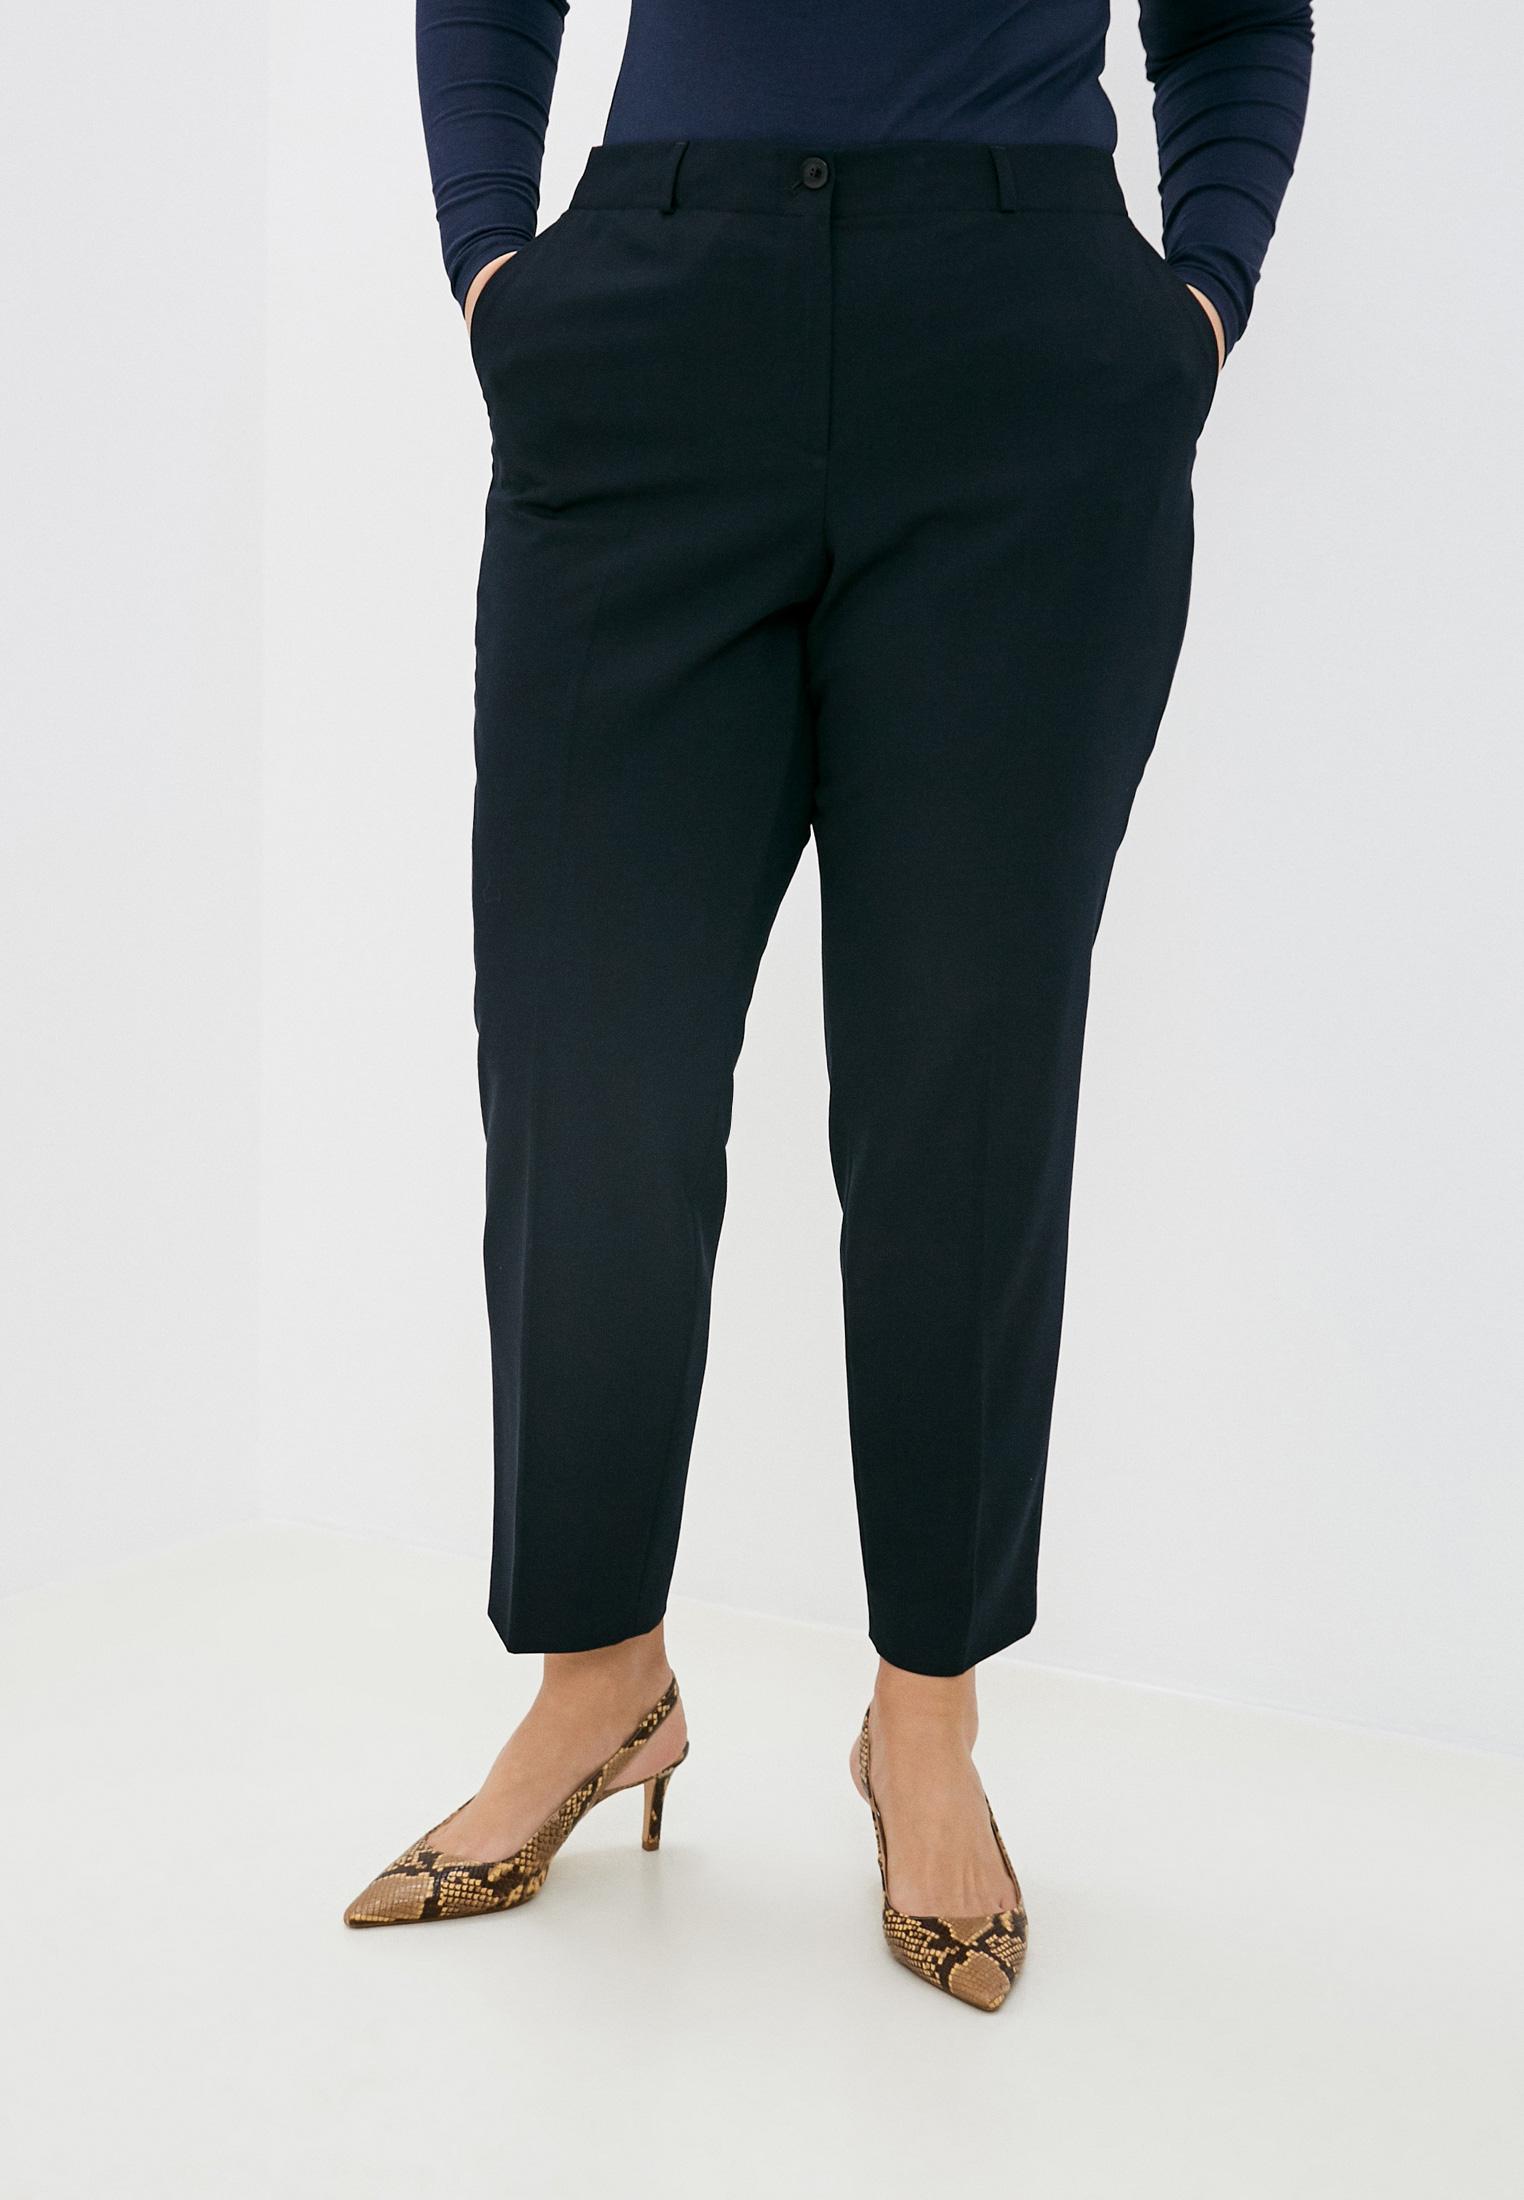 Женские зауженные брюки Gerry Weber (Гарри Вебер) 92382-38173